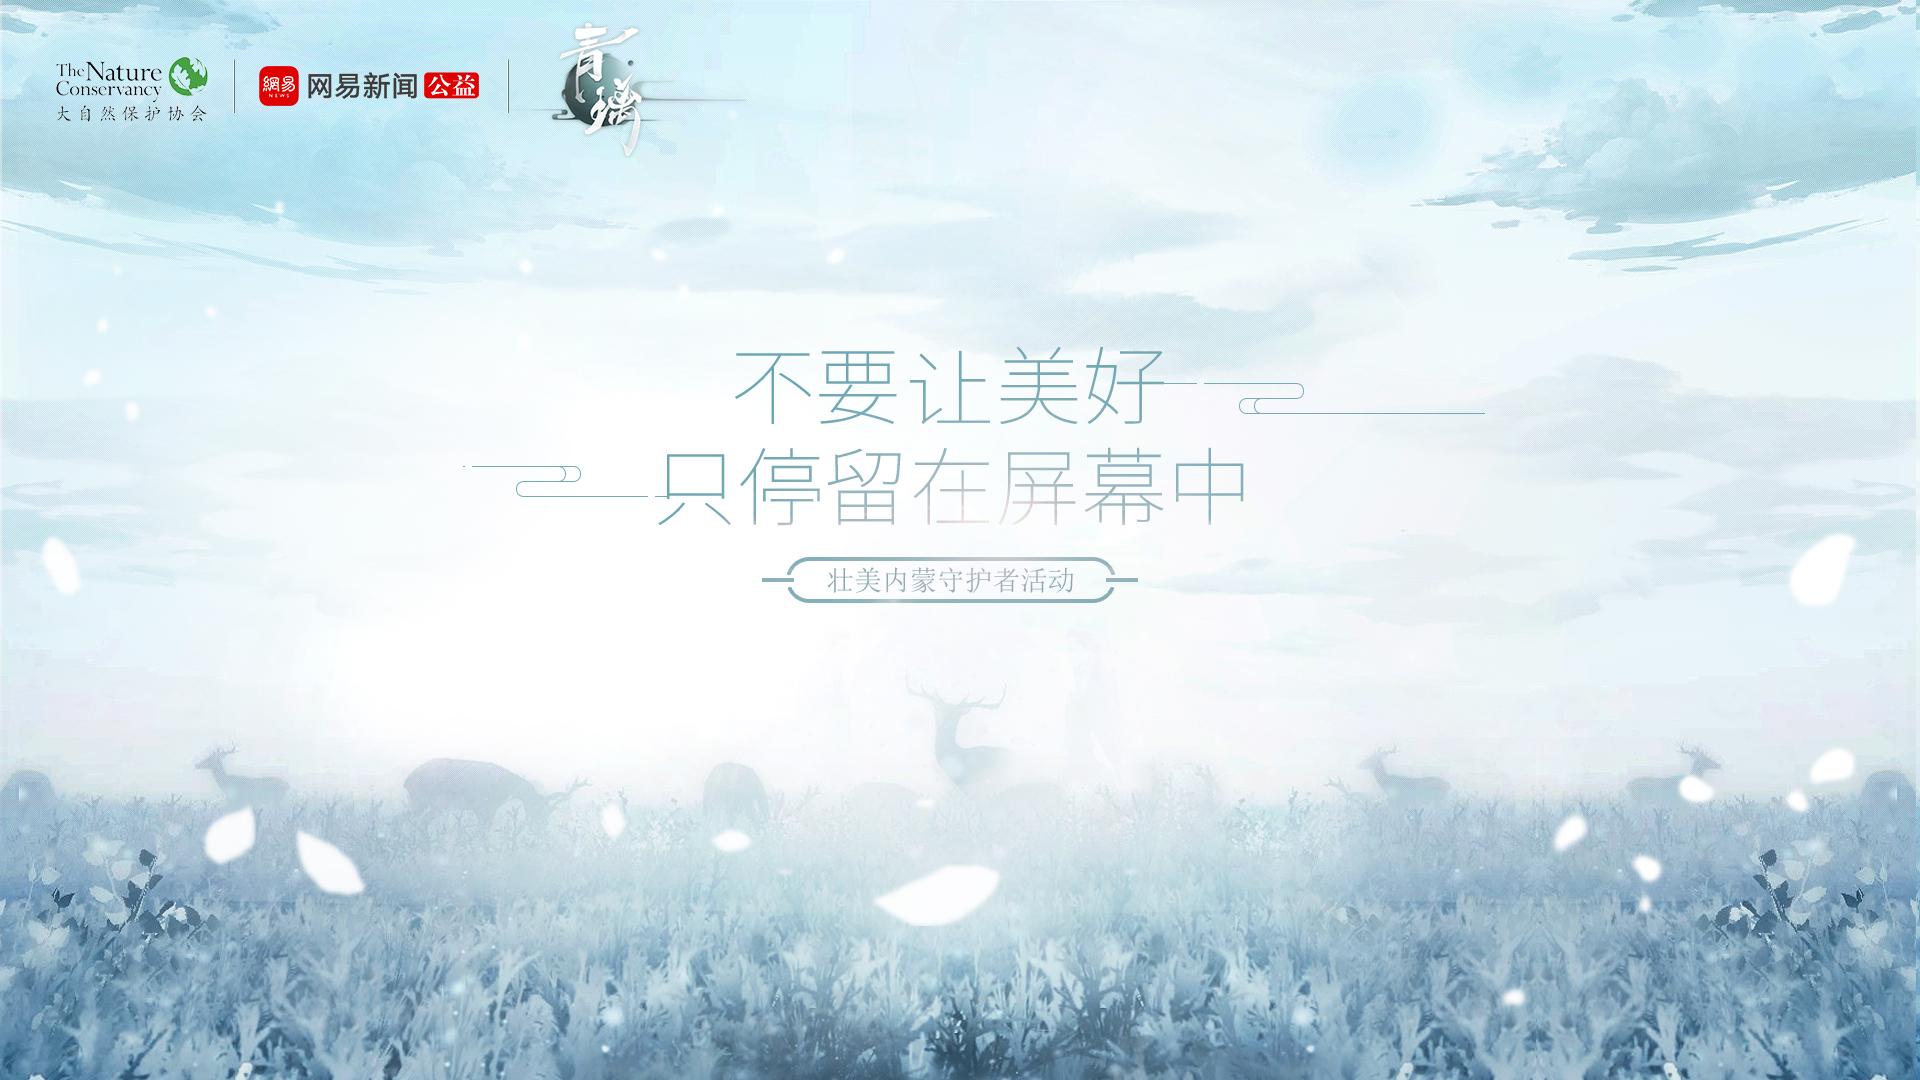 """独立新游《青璃》携""""大自然守护计划"""" 亮相网易520互动文娱产品发布会"""